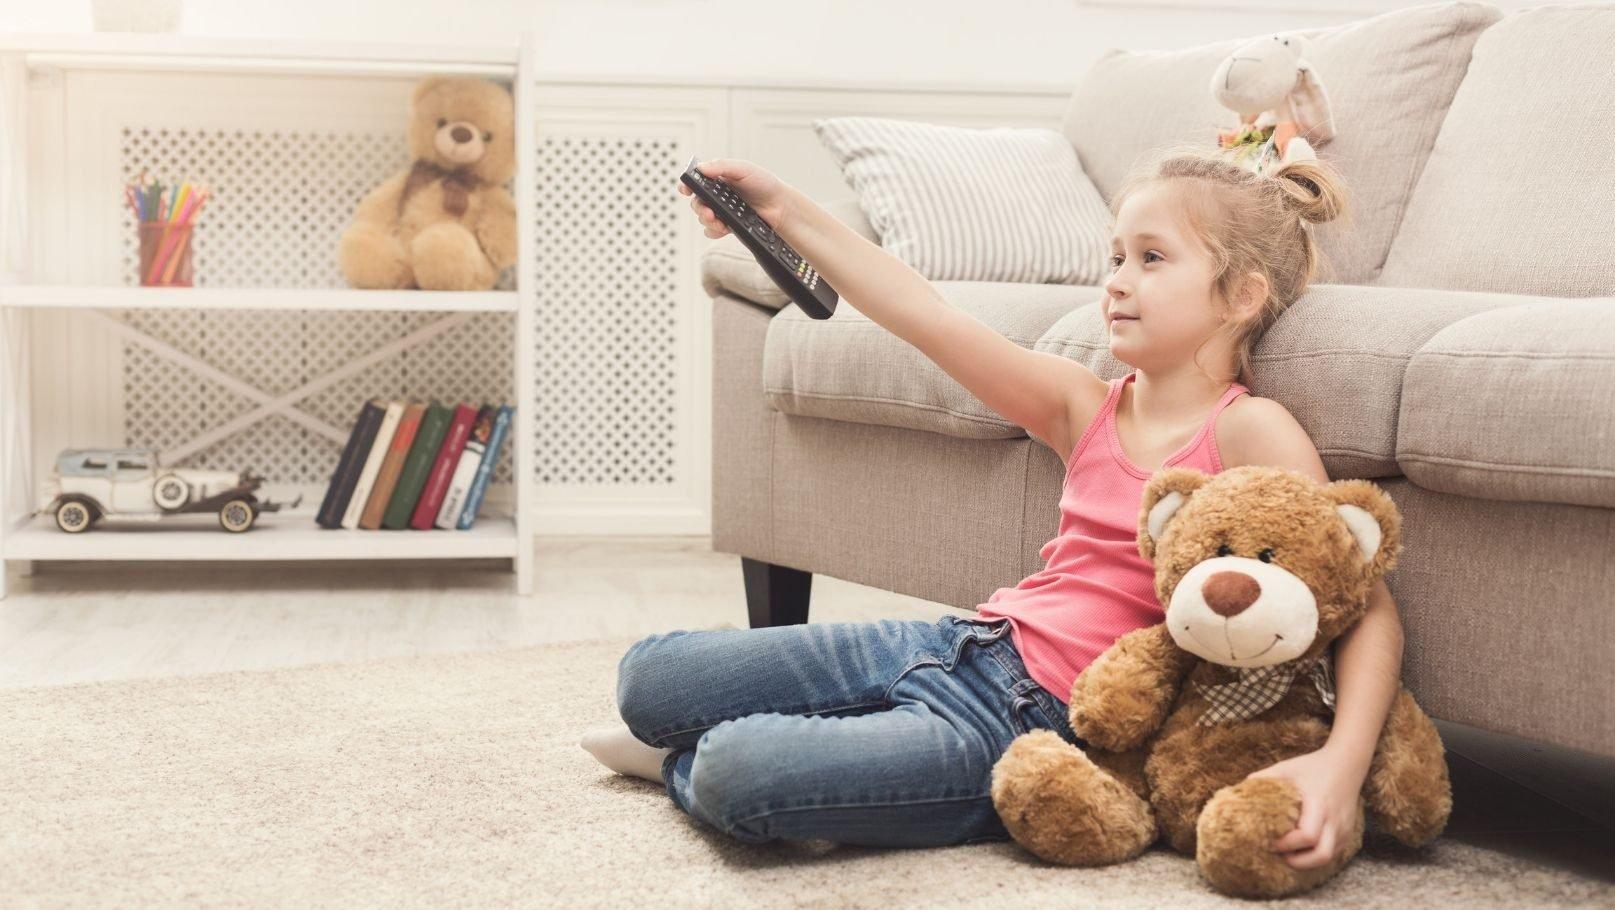 Publicidade infantil: a controvérsia por trás desse tema